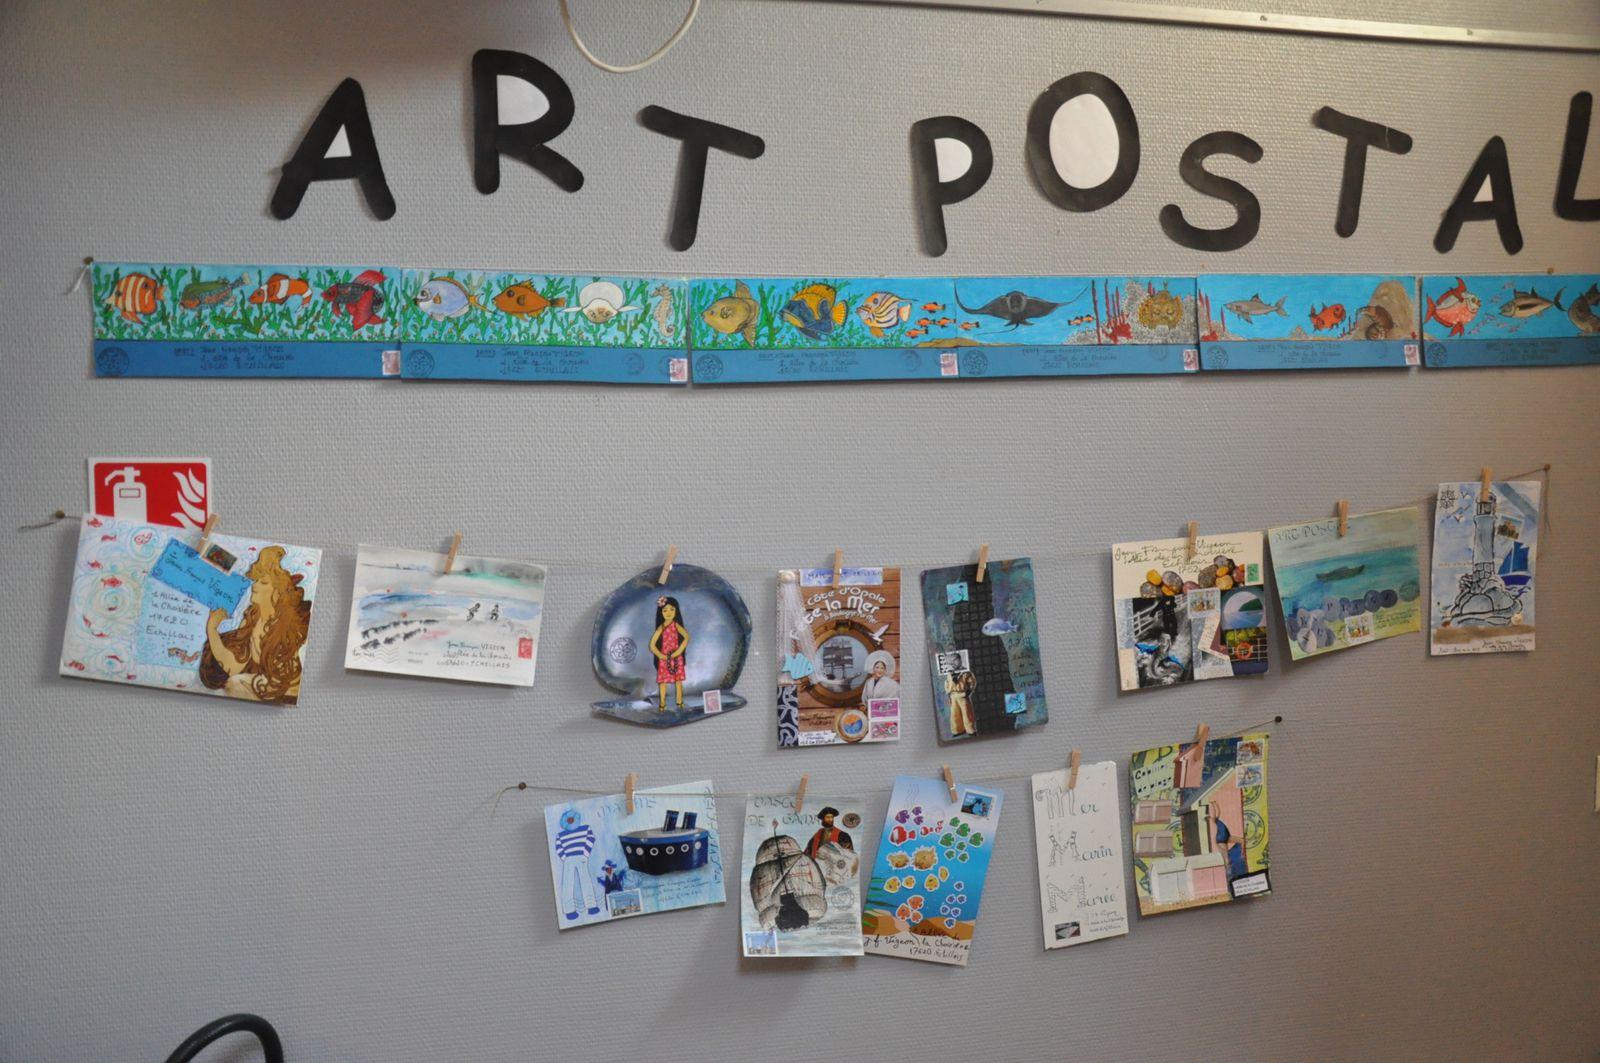 Voici donc comme promis quelques images de l'exposition présentée à la bibliothèque d'Echillais sur le thème de la Mer! Merci de nouveau à Madame Lampin pour l'installation!